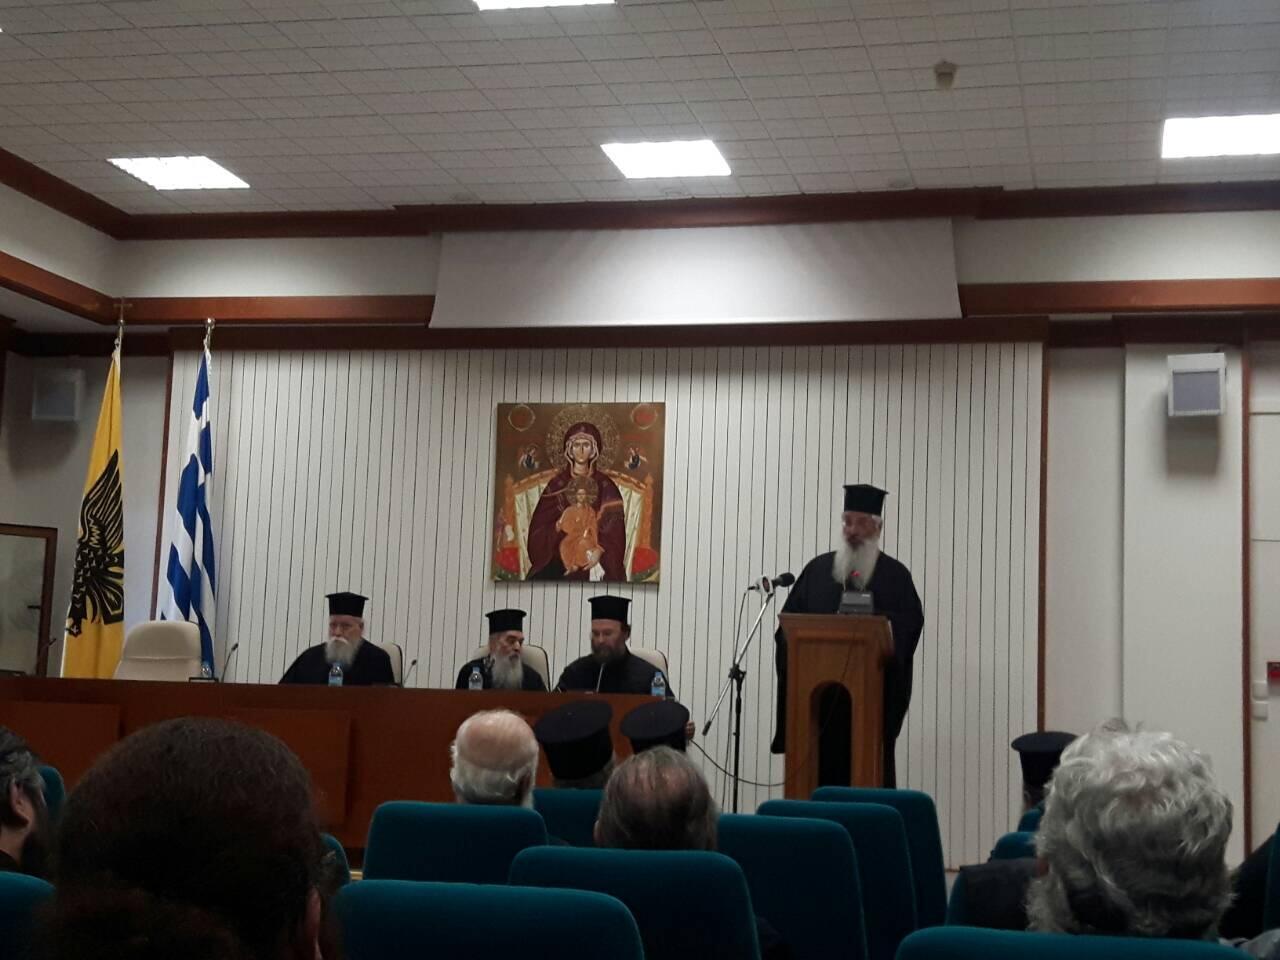 Ομιλία Αλεξανδρουπόλεως Άνθιμου στους κληρικούς της Ι.Μ. Νέας Κρήνης και Καλαμαριάς